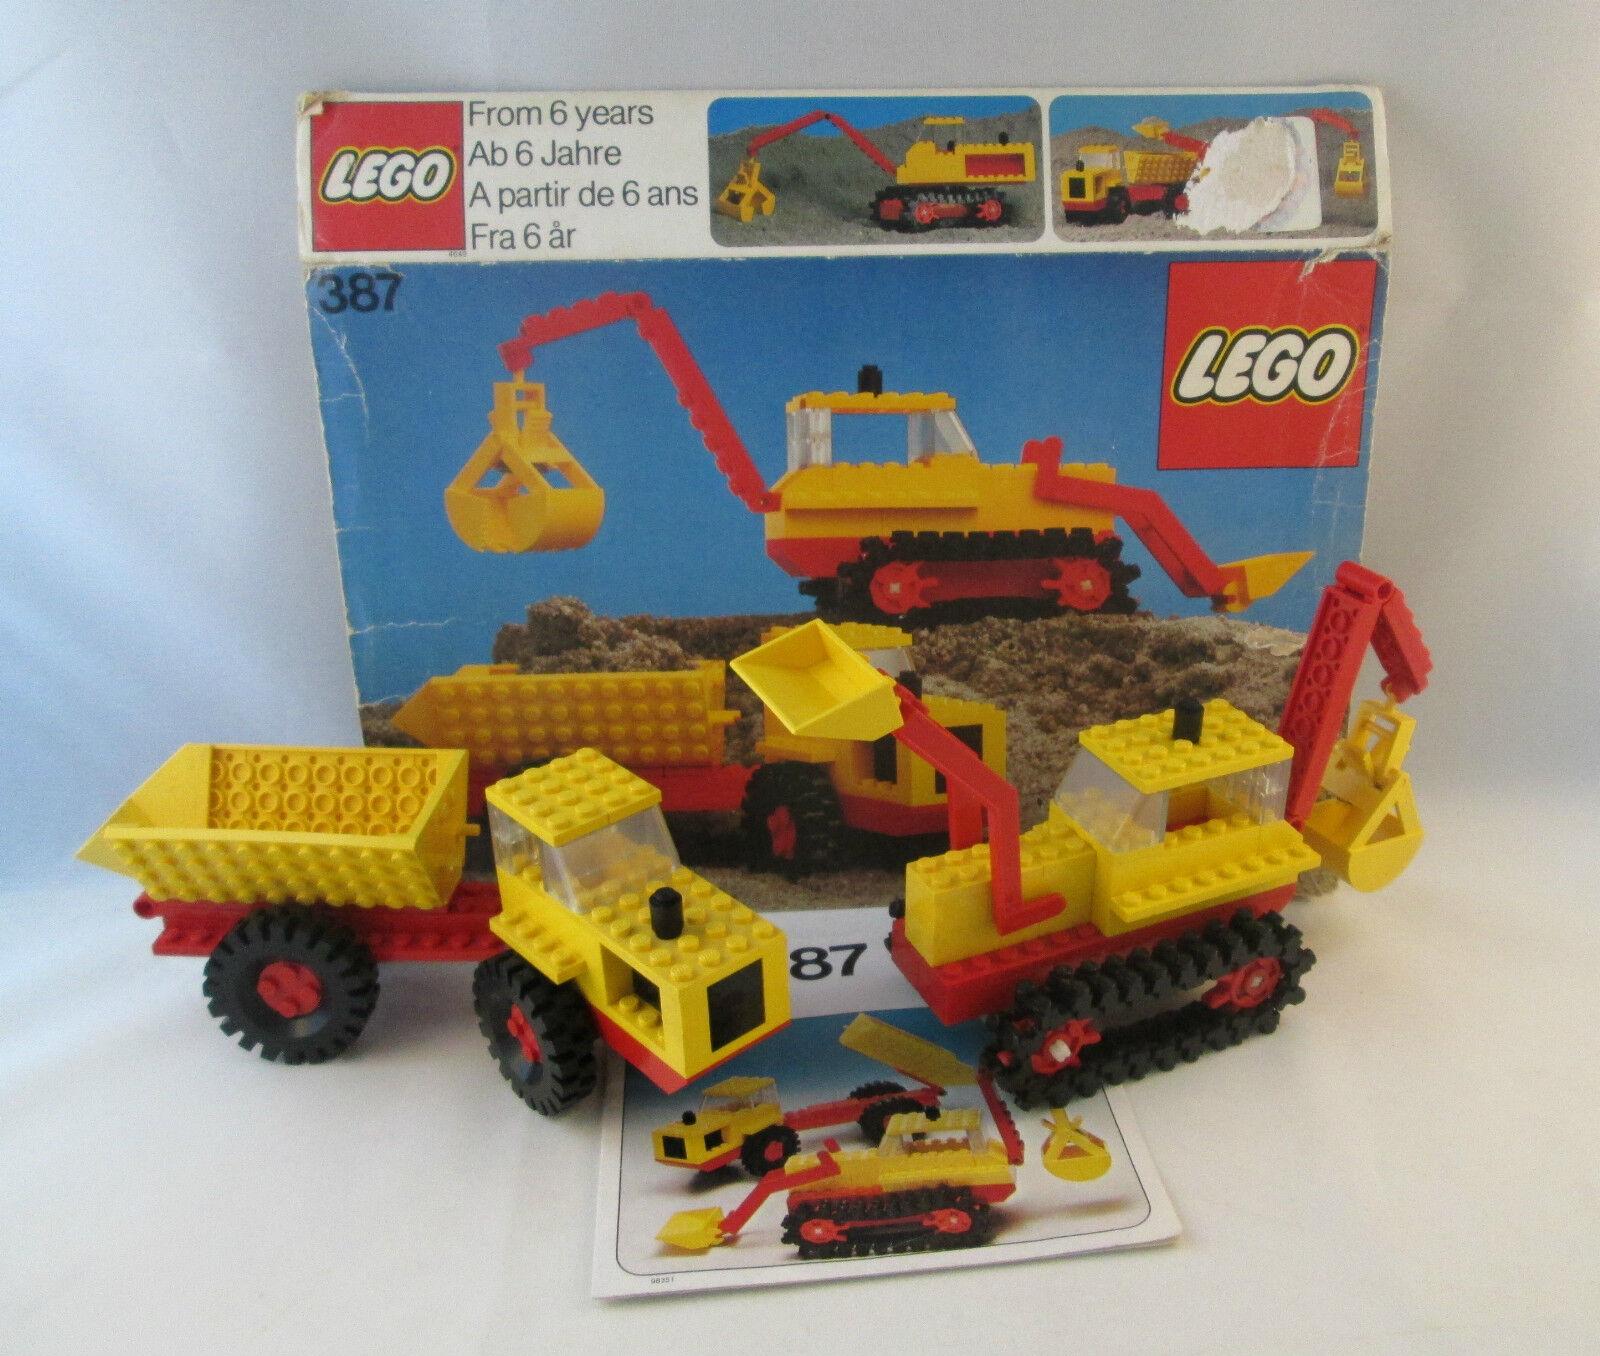 Lego Lego Lego Legoland Construction - 387 Excavator and Dumper e45684